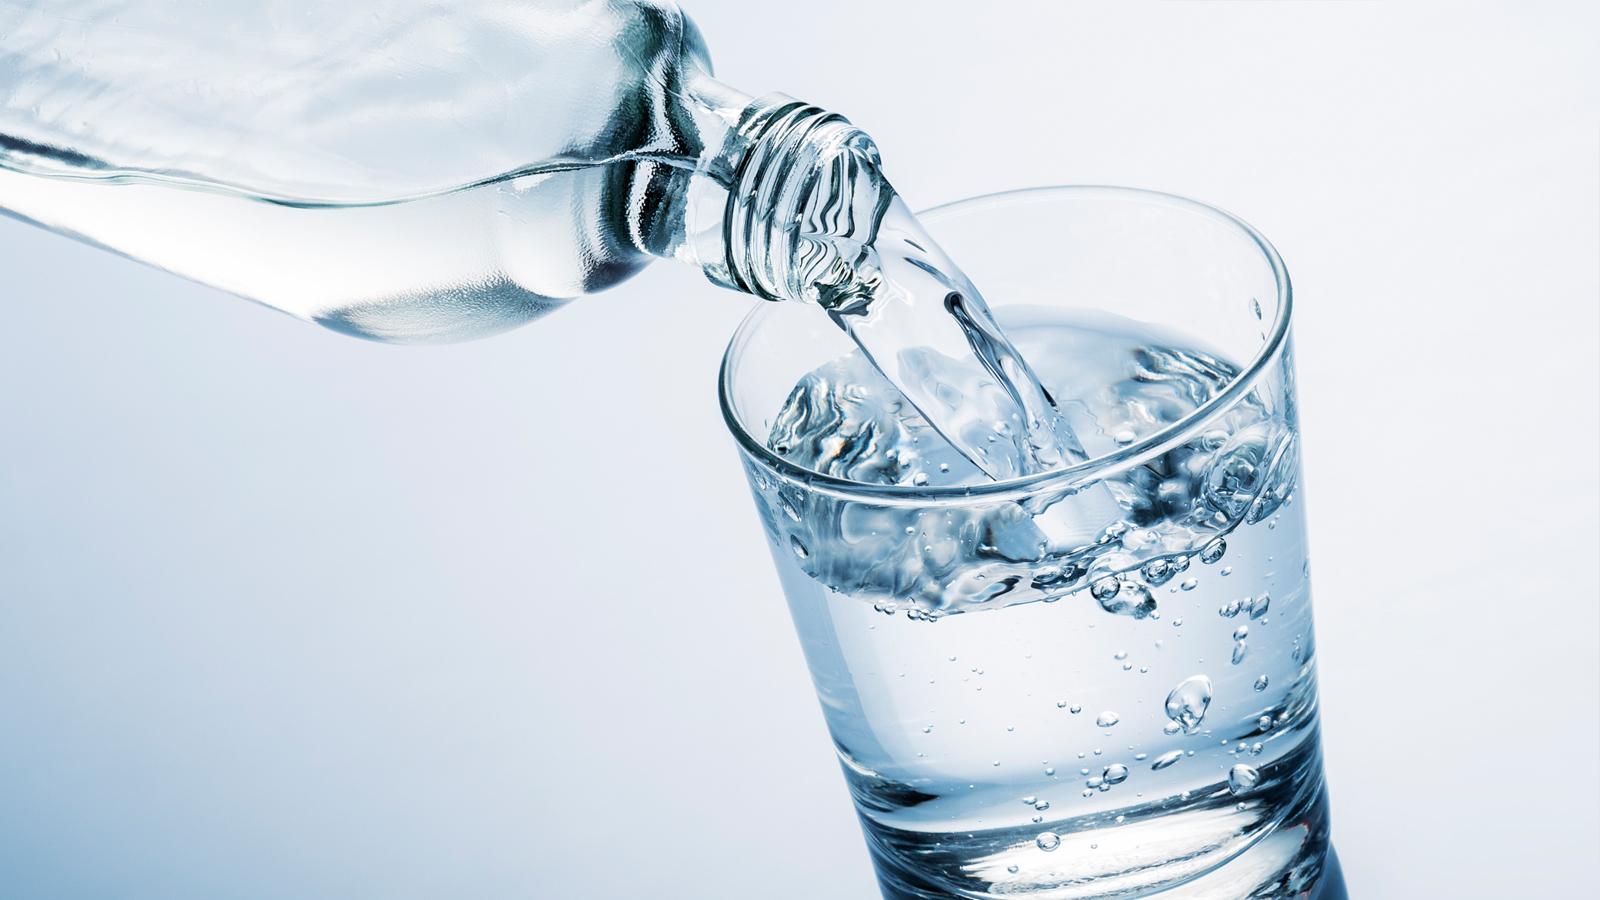 Acqua del rubinetto: le analisi diventano social